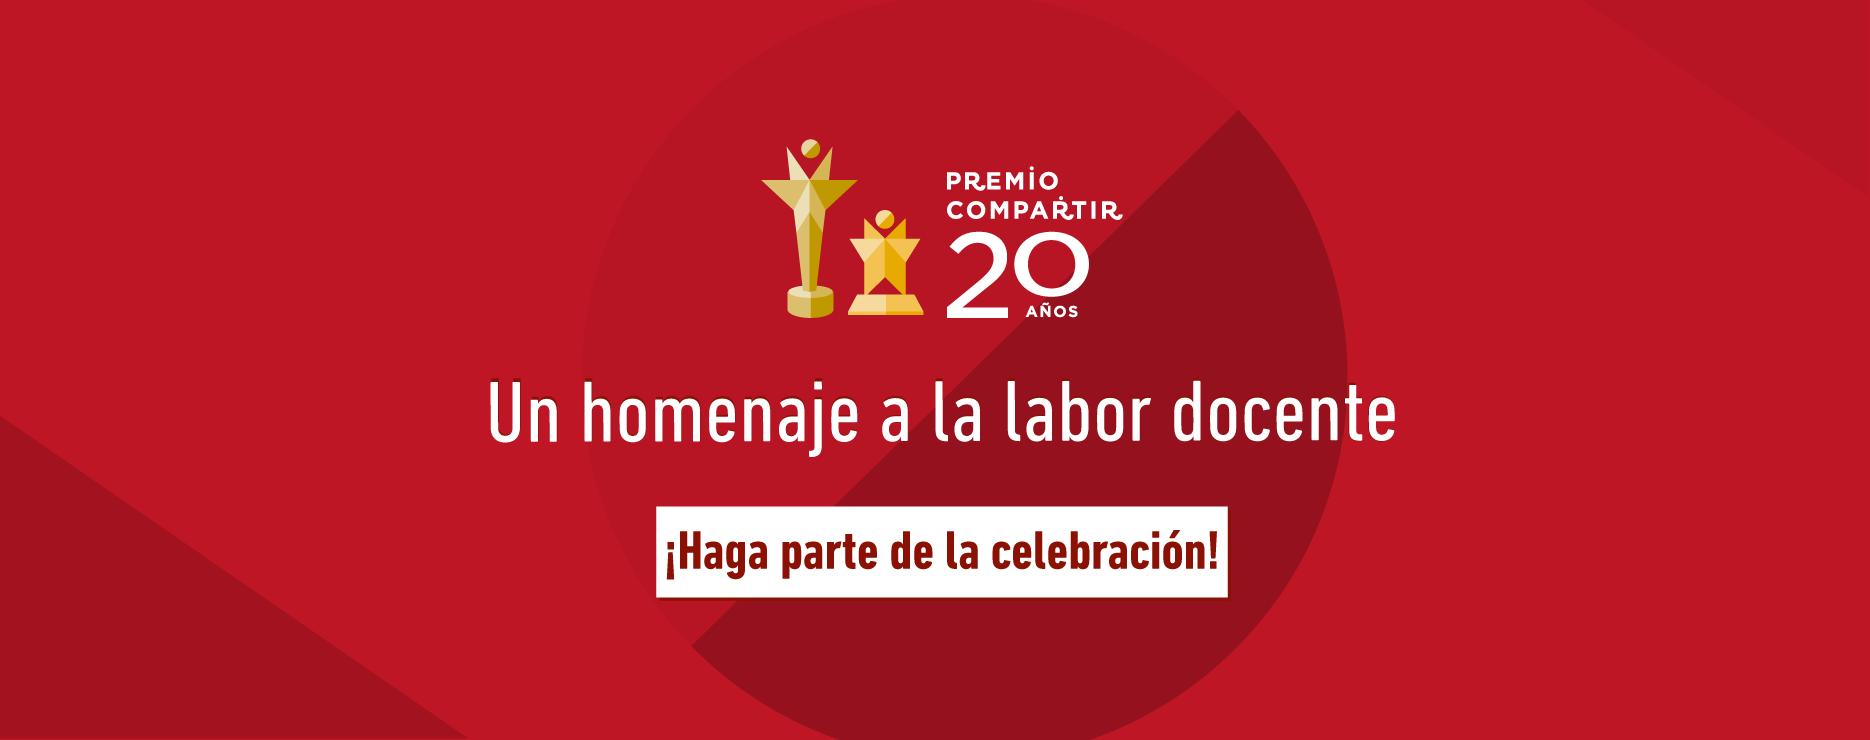 Premio Compartir 20 años